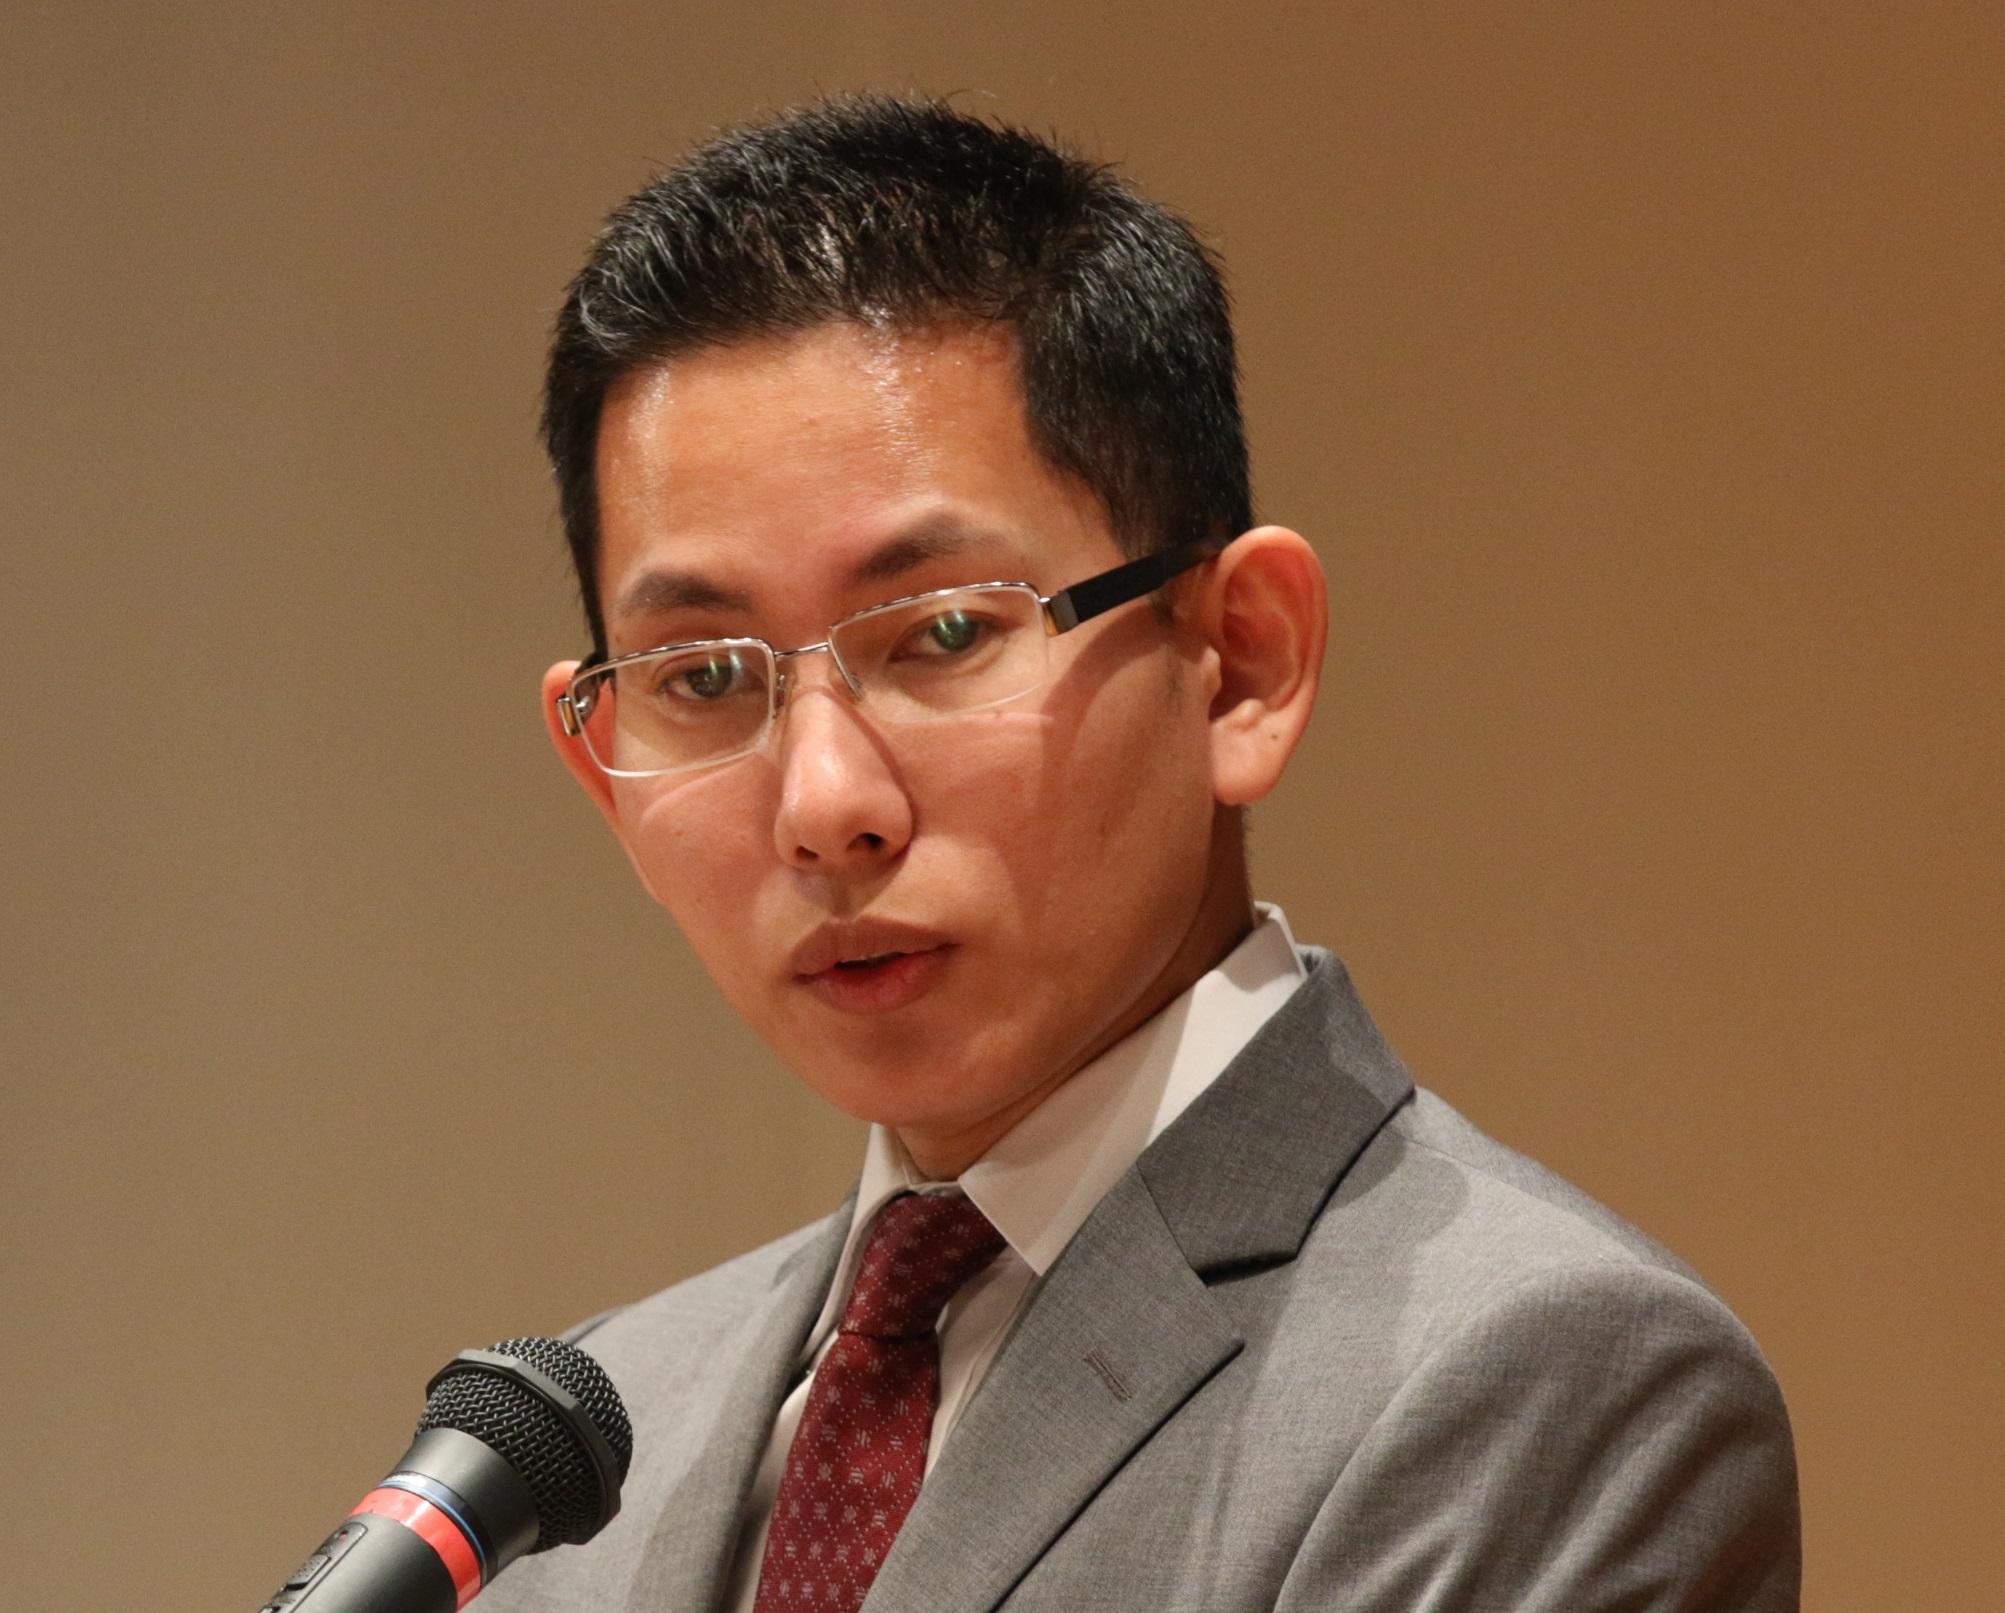 隅野 貴裕(毎日パソコン入力コンクール 技術顧問)写真